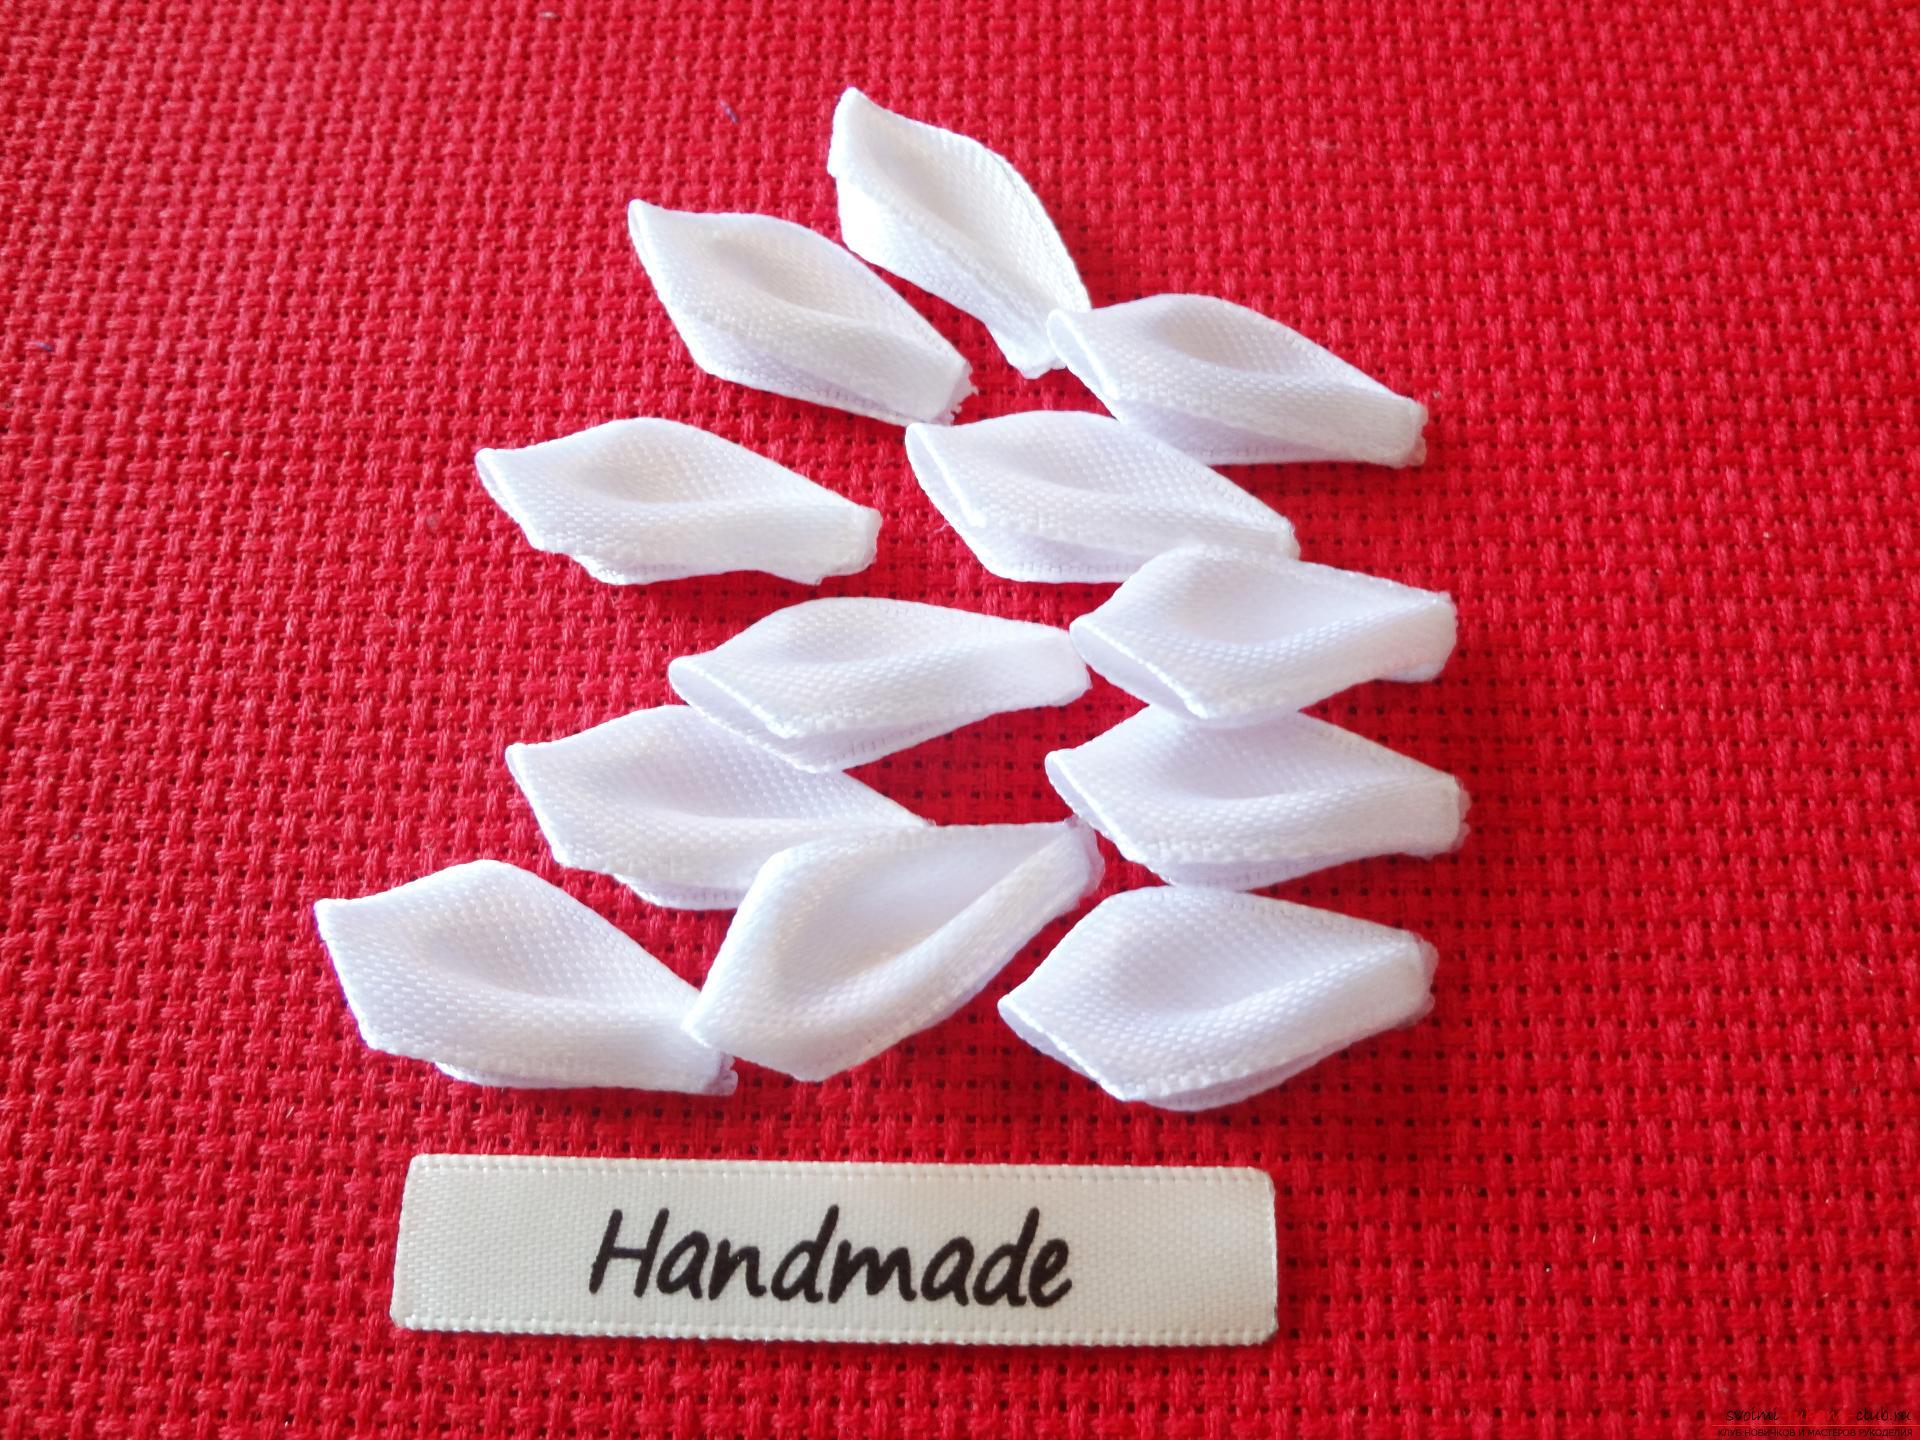 Как сделать листок из ленты своими руками пошаговое фото